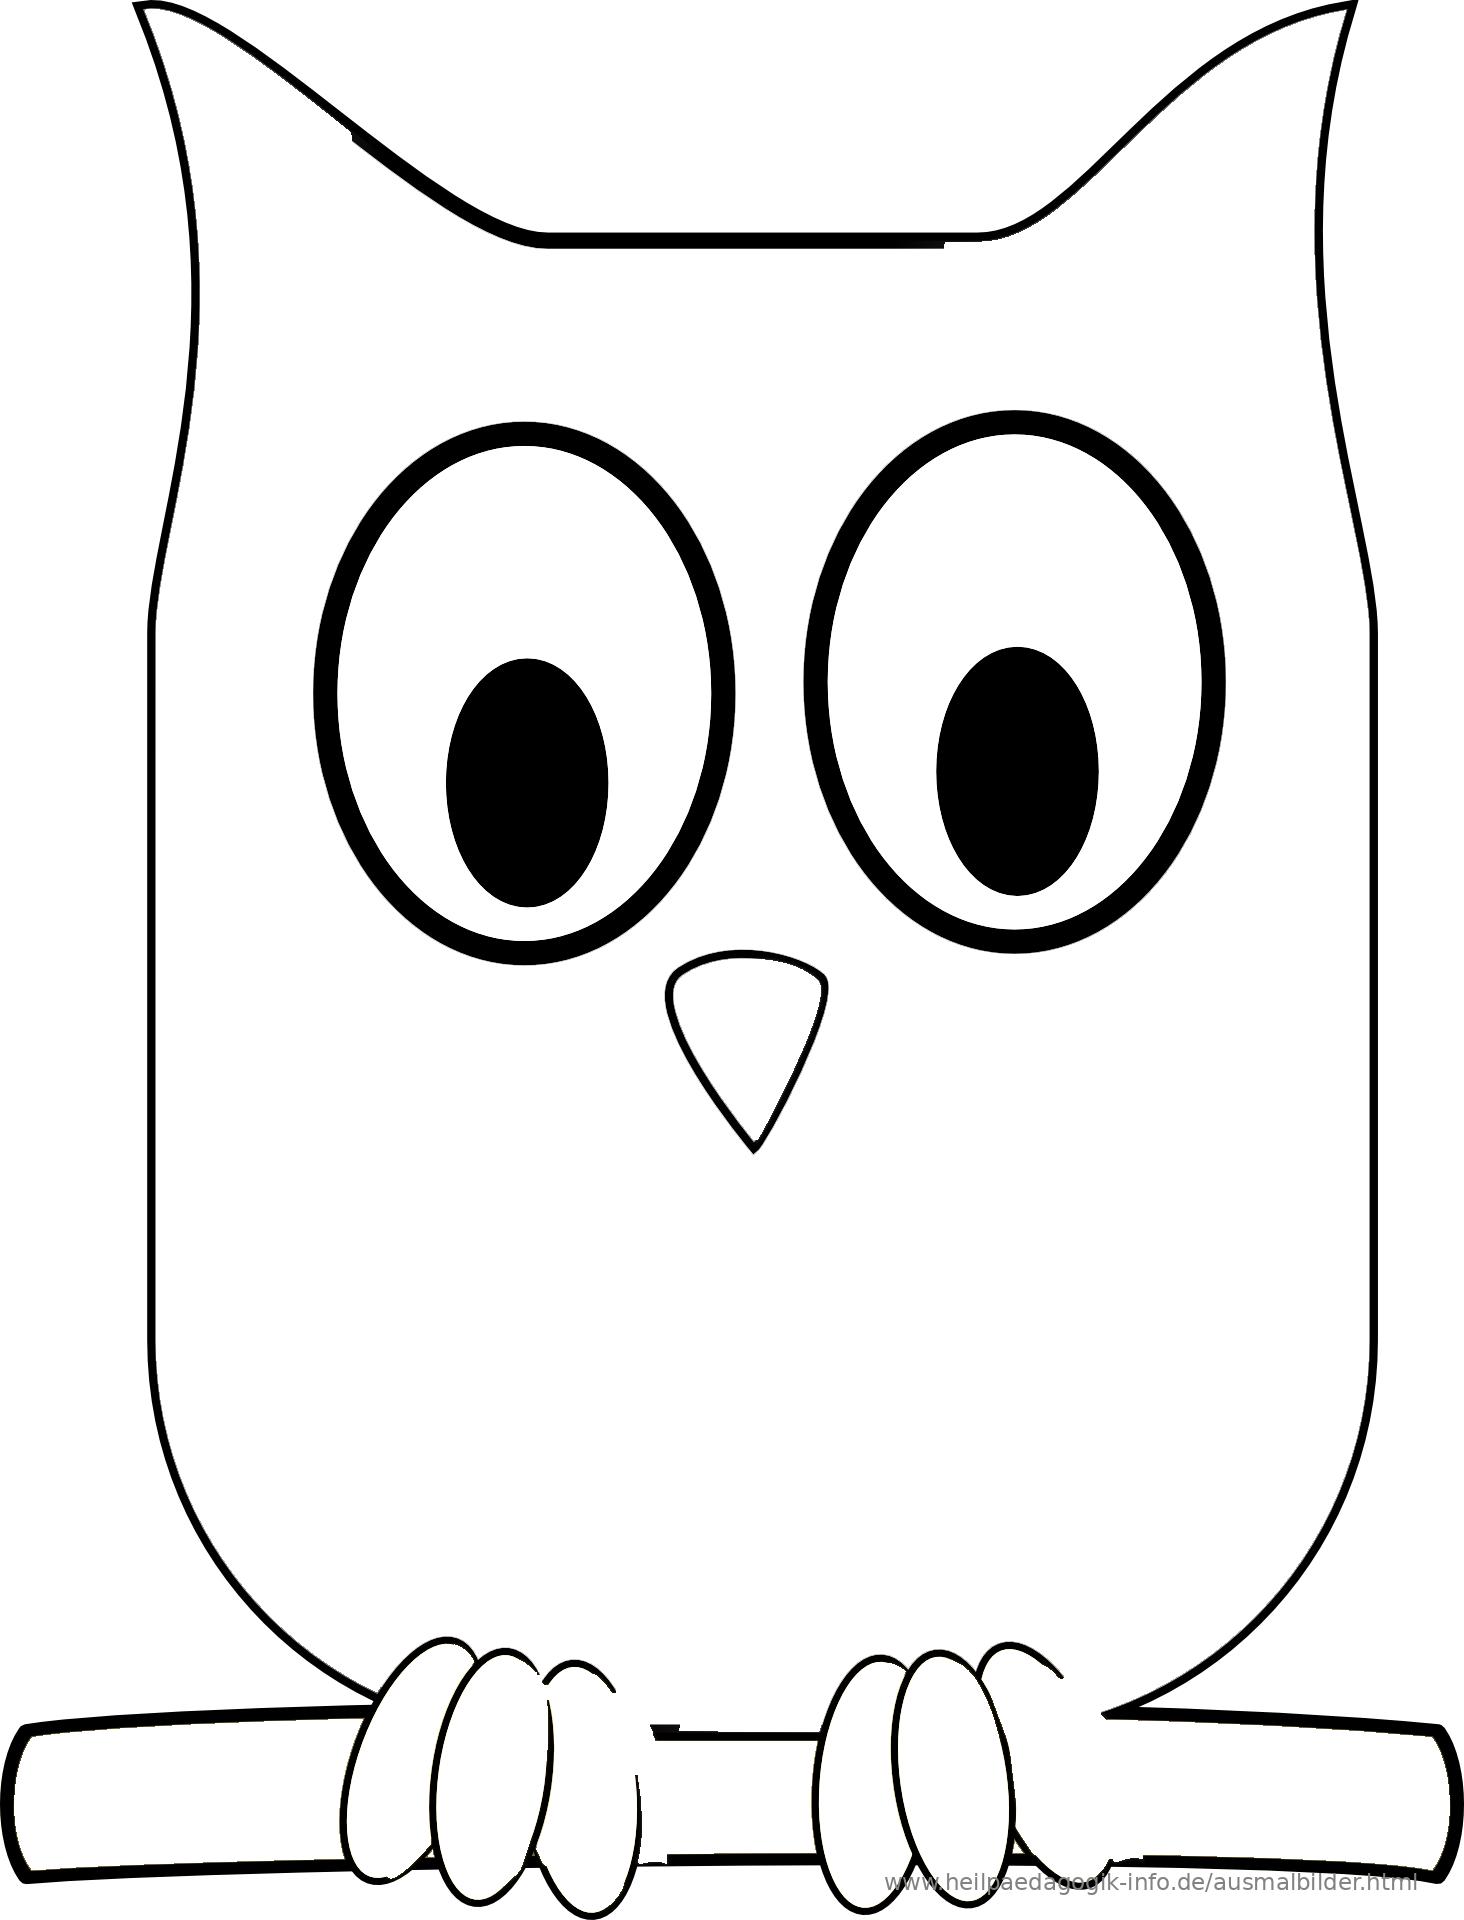 Ausmalbilder Vögel Malvorlagen Kostenlos zum Ausdrucken 9781431 ...